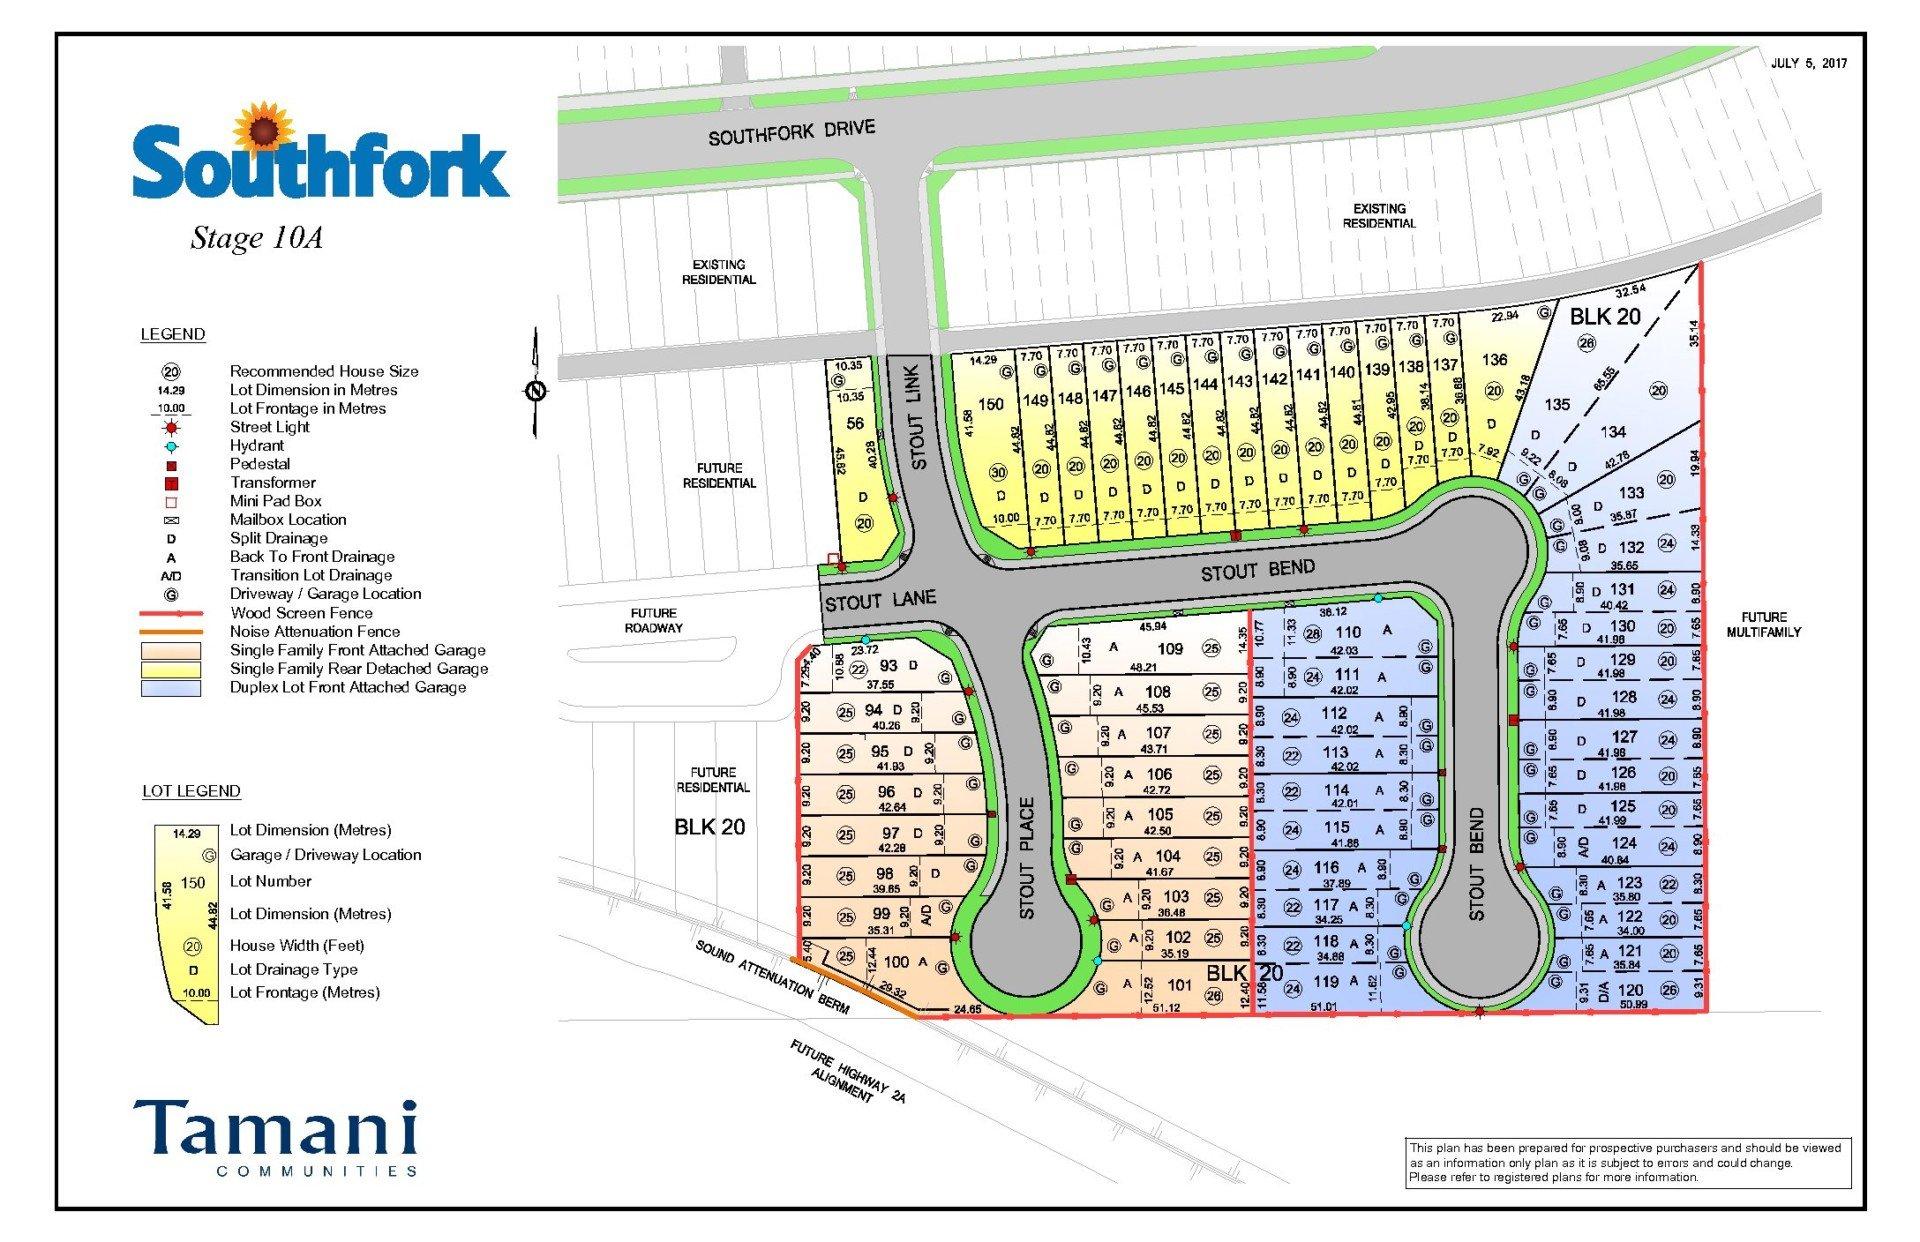 16-753-SOUTHFORK-STAGE10A-MARKETING-PLAN-pdf